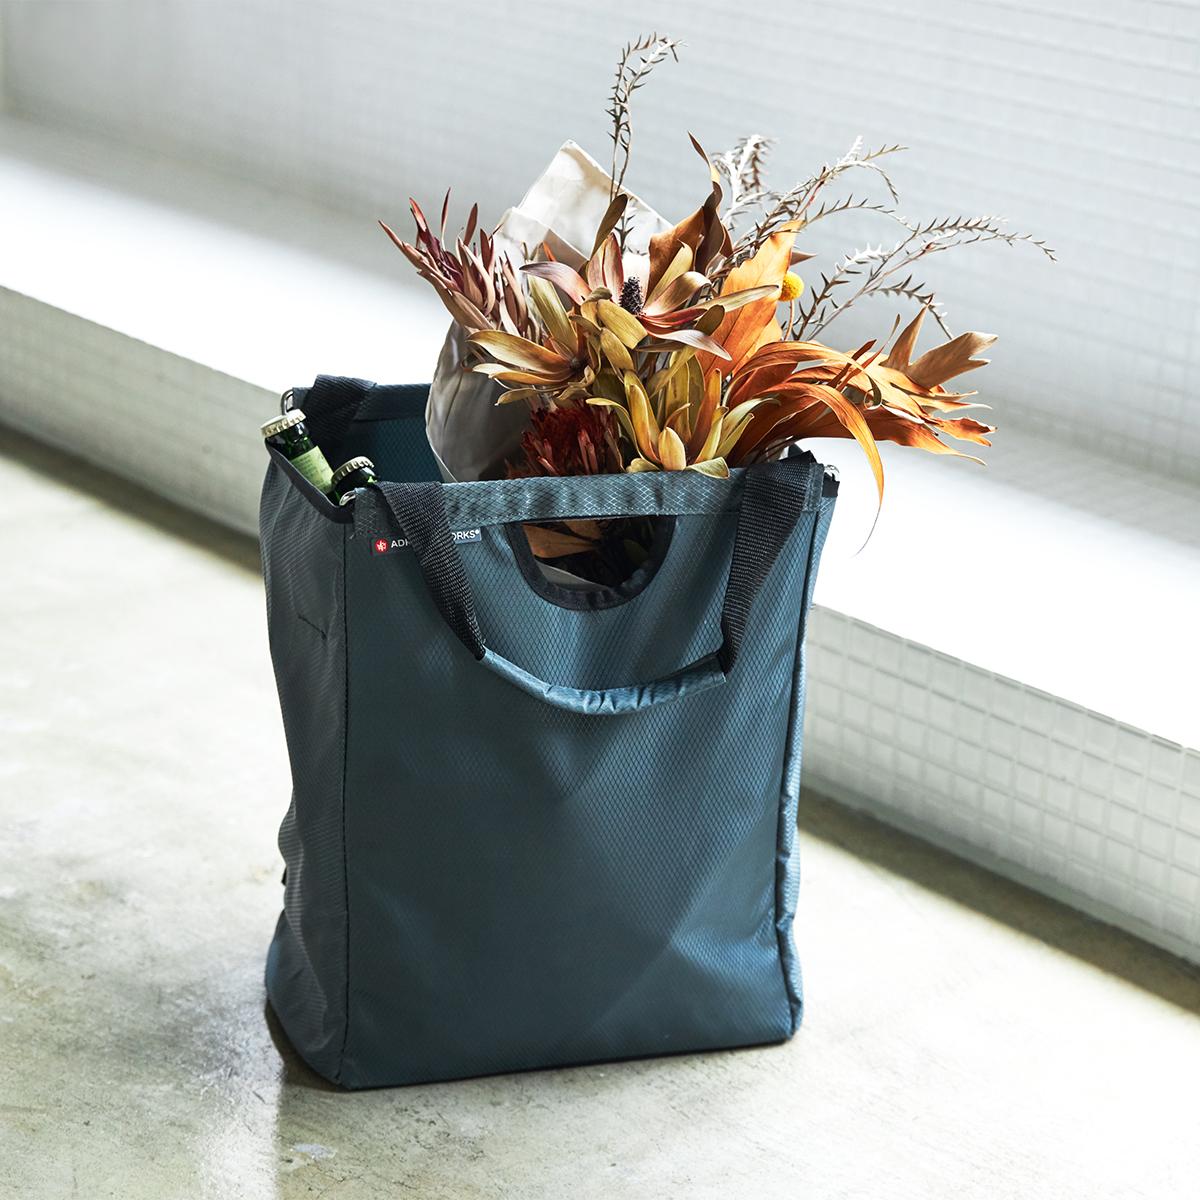 メイン使いのエコバッグは、「箱型」で決まり!   金属フレーム入りで自立するからパンや花を潰さない